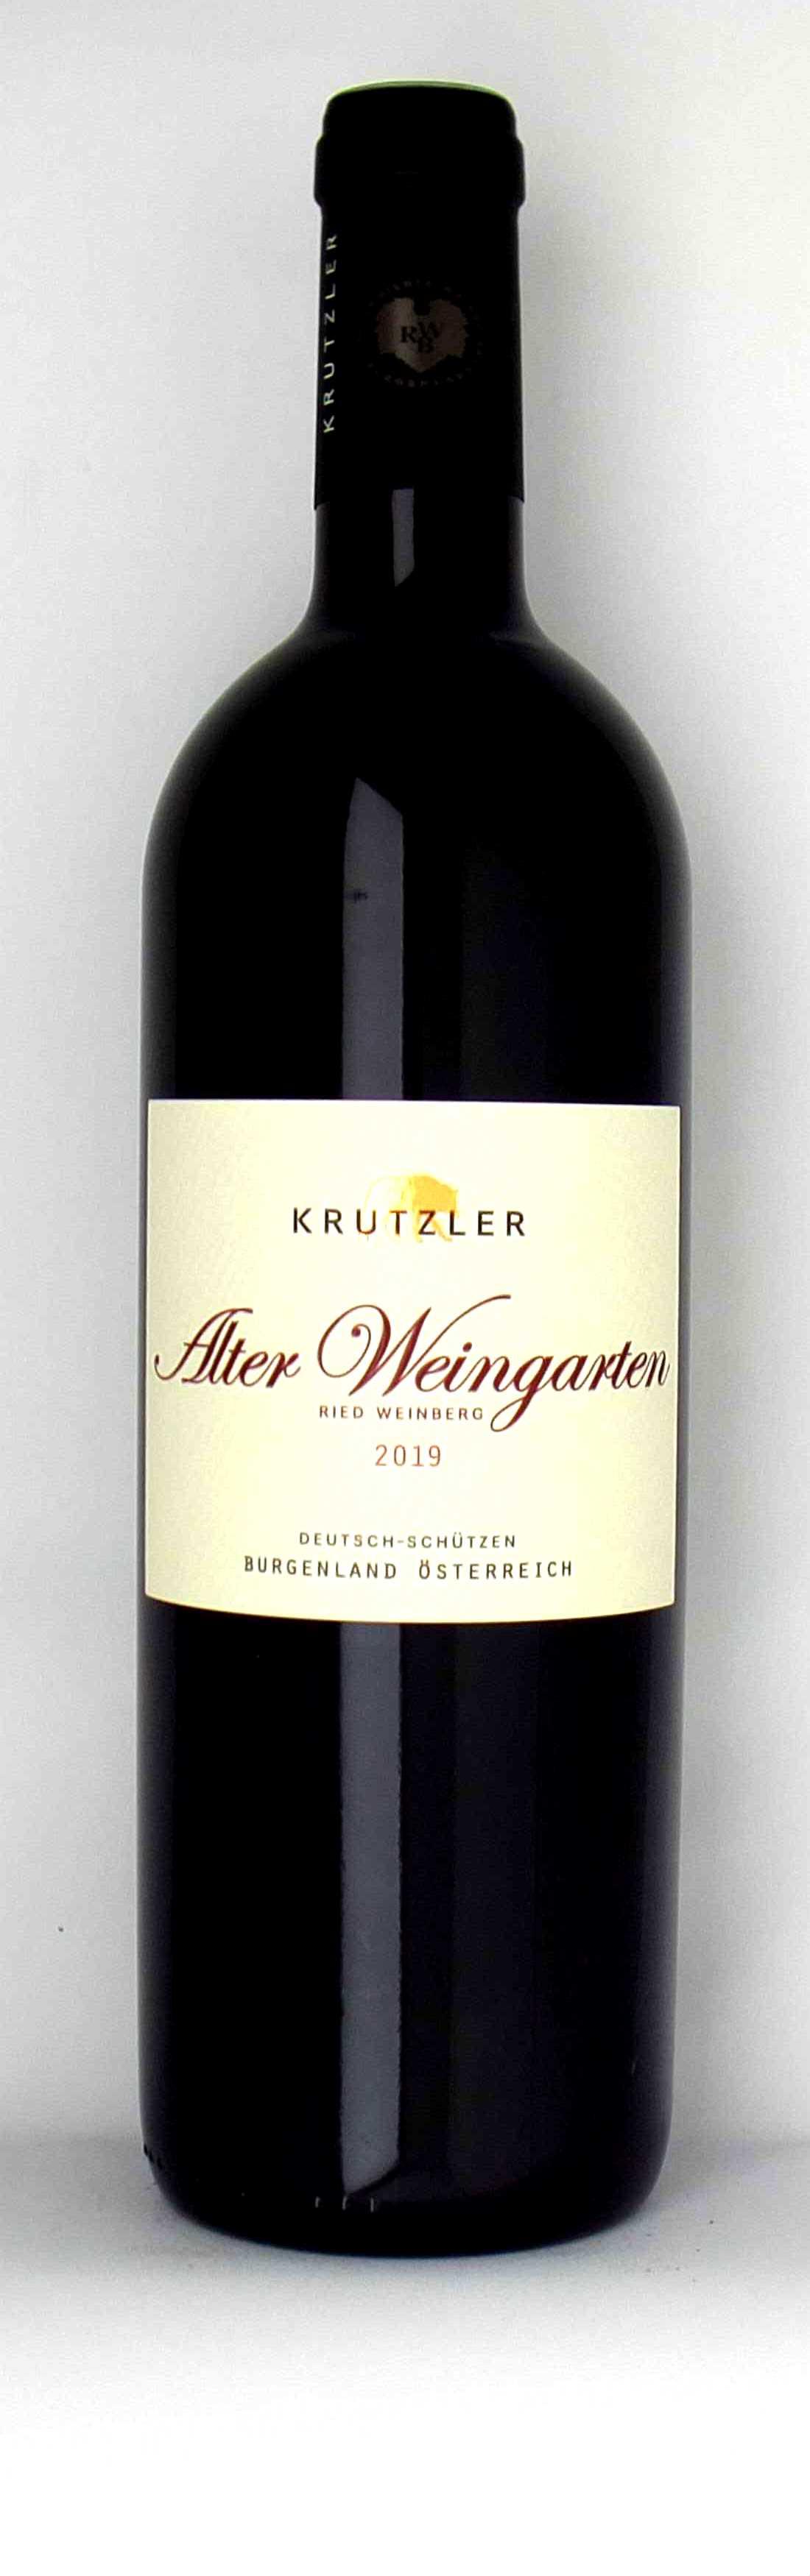 Vinothek Eisenberg Alter Weingarten 2019 Krutzler